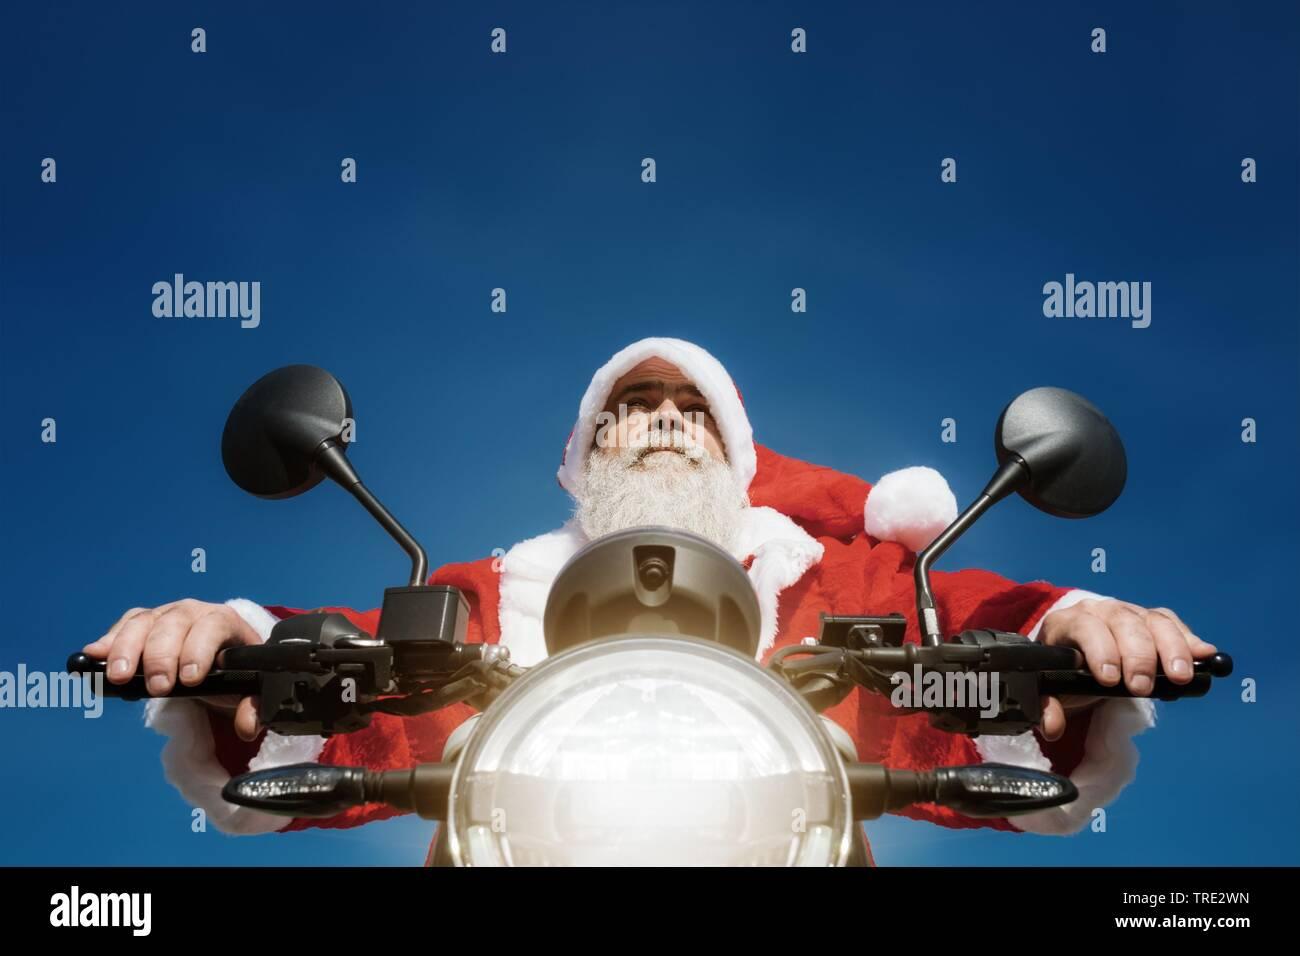 moderner Weinachtsmann auf einem Motorrad, Deutschland   man on a motorbike in a typical Santa Claus costume, Germany   BLWS515752.jpg [ (c) blickwink - Stock Image